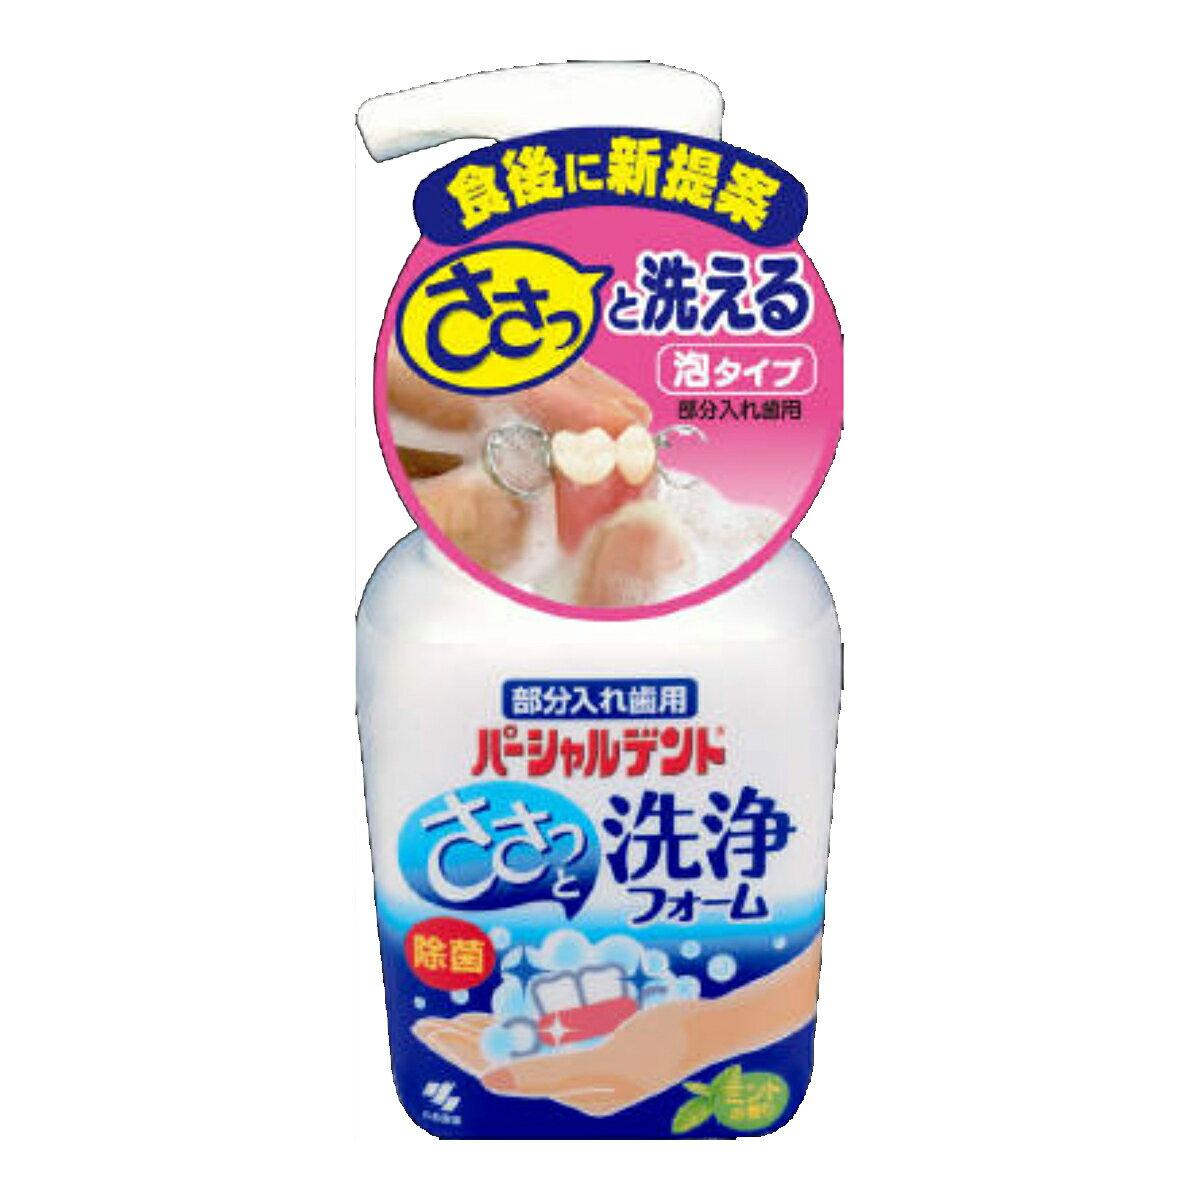 小林製薬パーシャルデント洗浄フォーム250ml(入れ歯洗浄剤)(4987072072837)